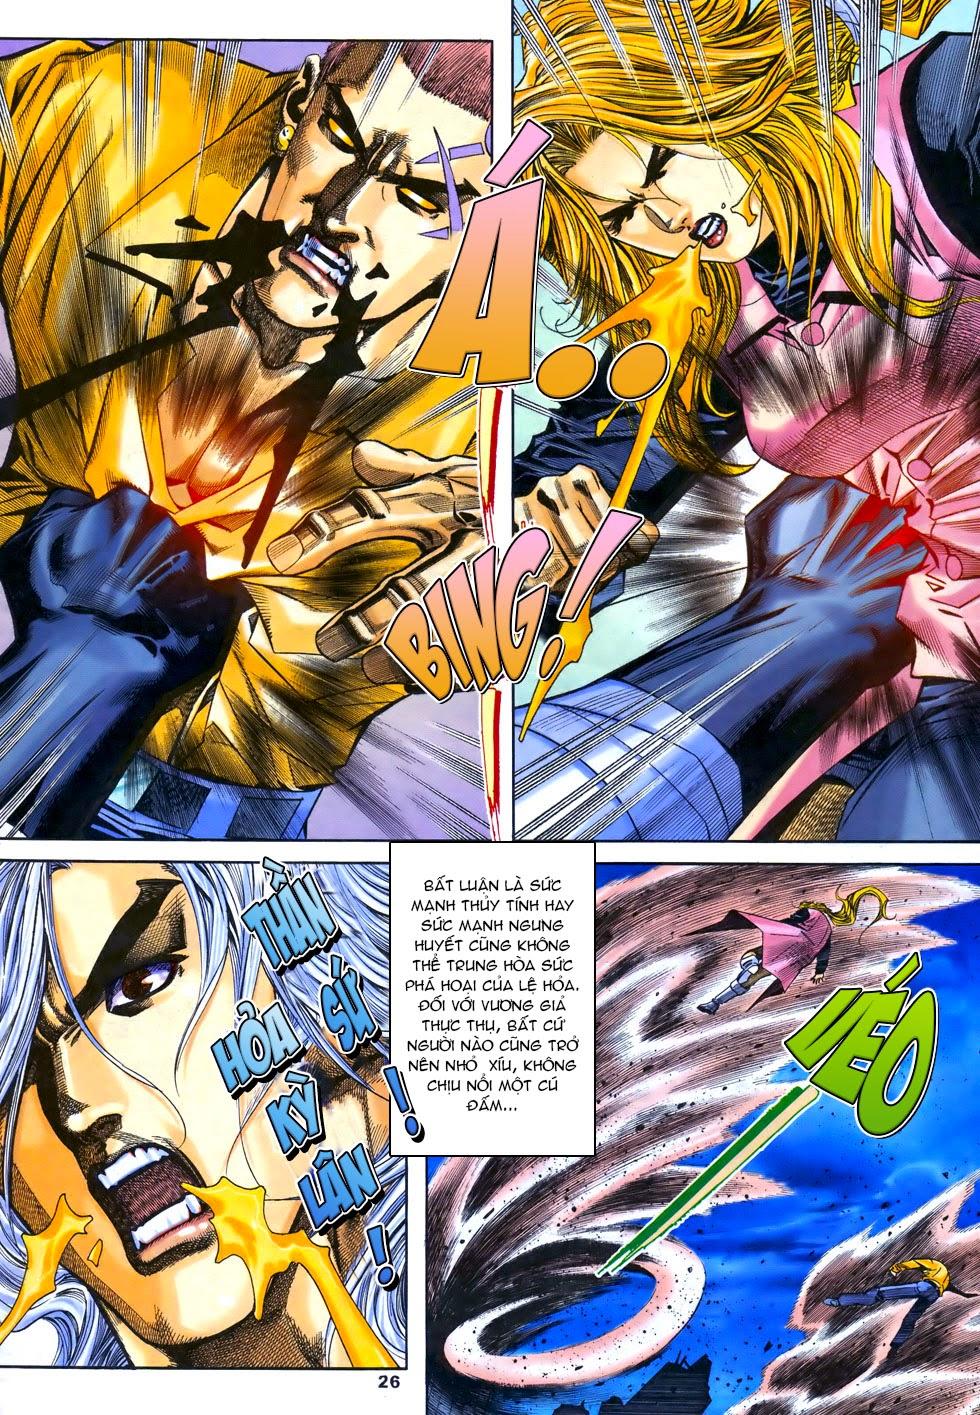 X Bạo Tộc chap 67 - Trang 26